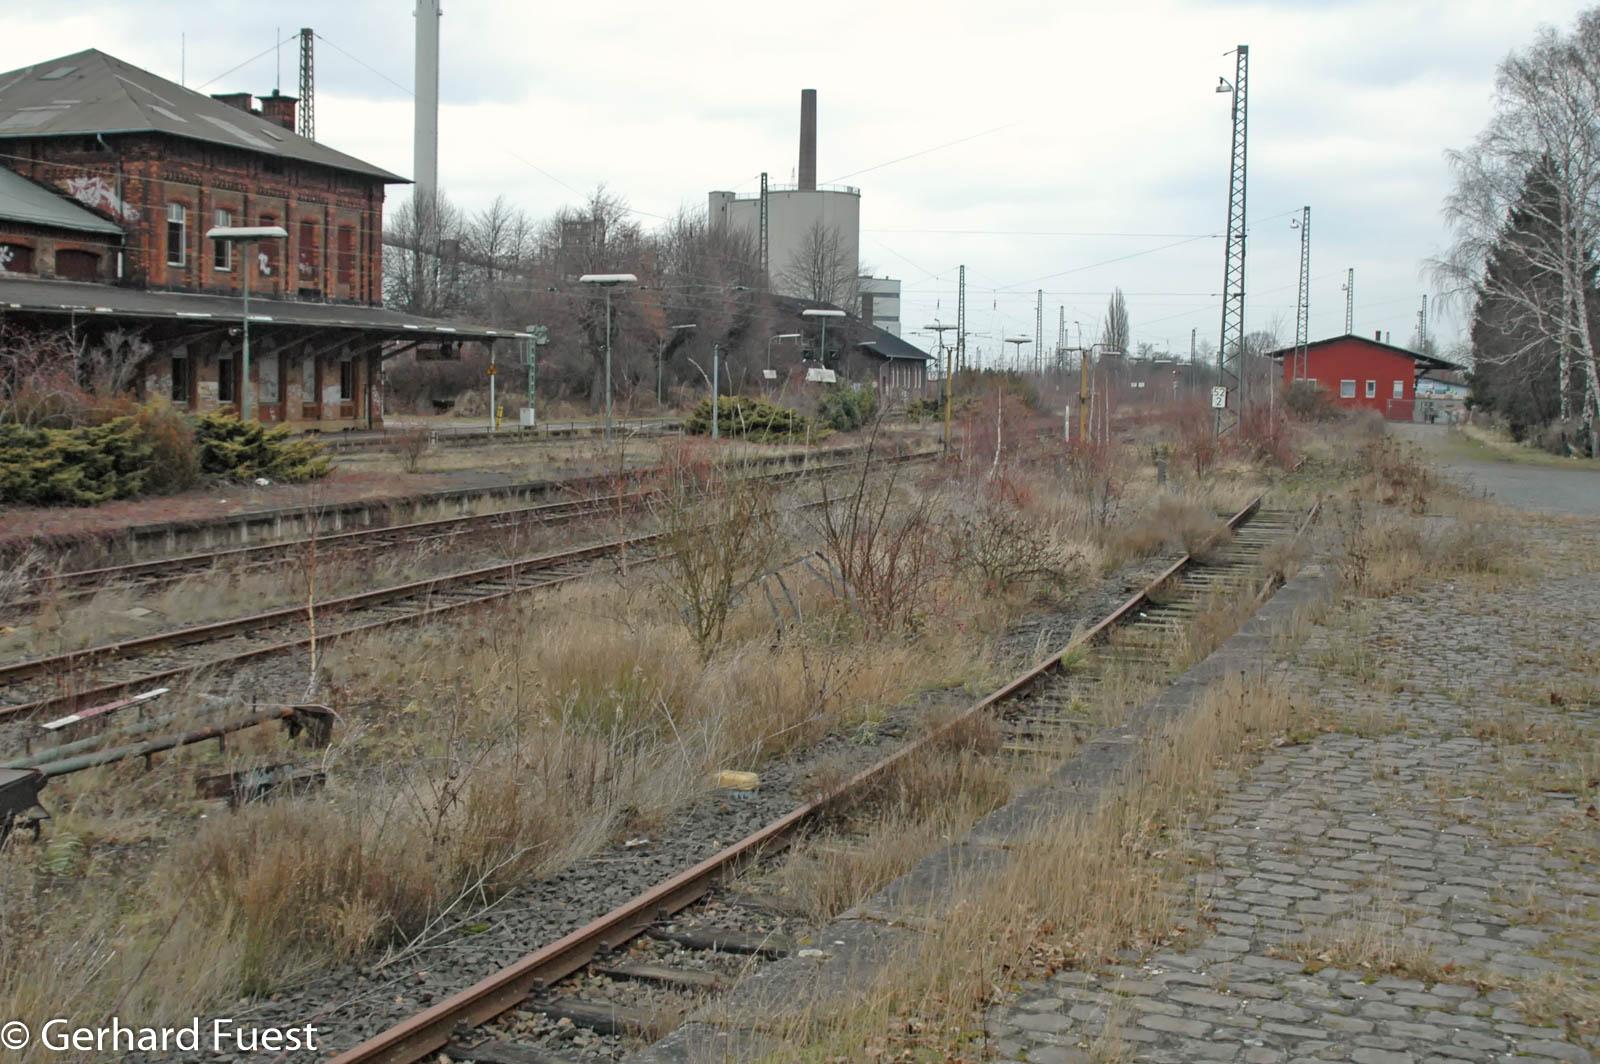 Bahnhofsansichten vor dem Umbau 2005, Gesamtansichten, Züge und Details